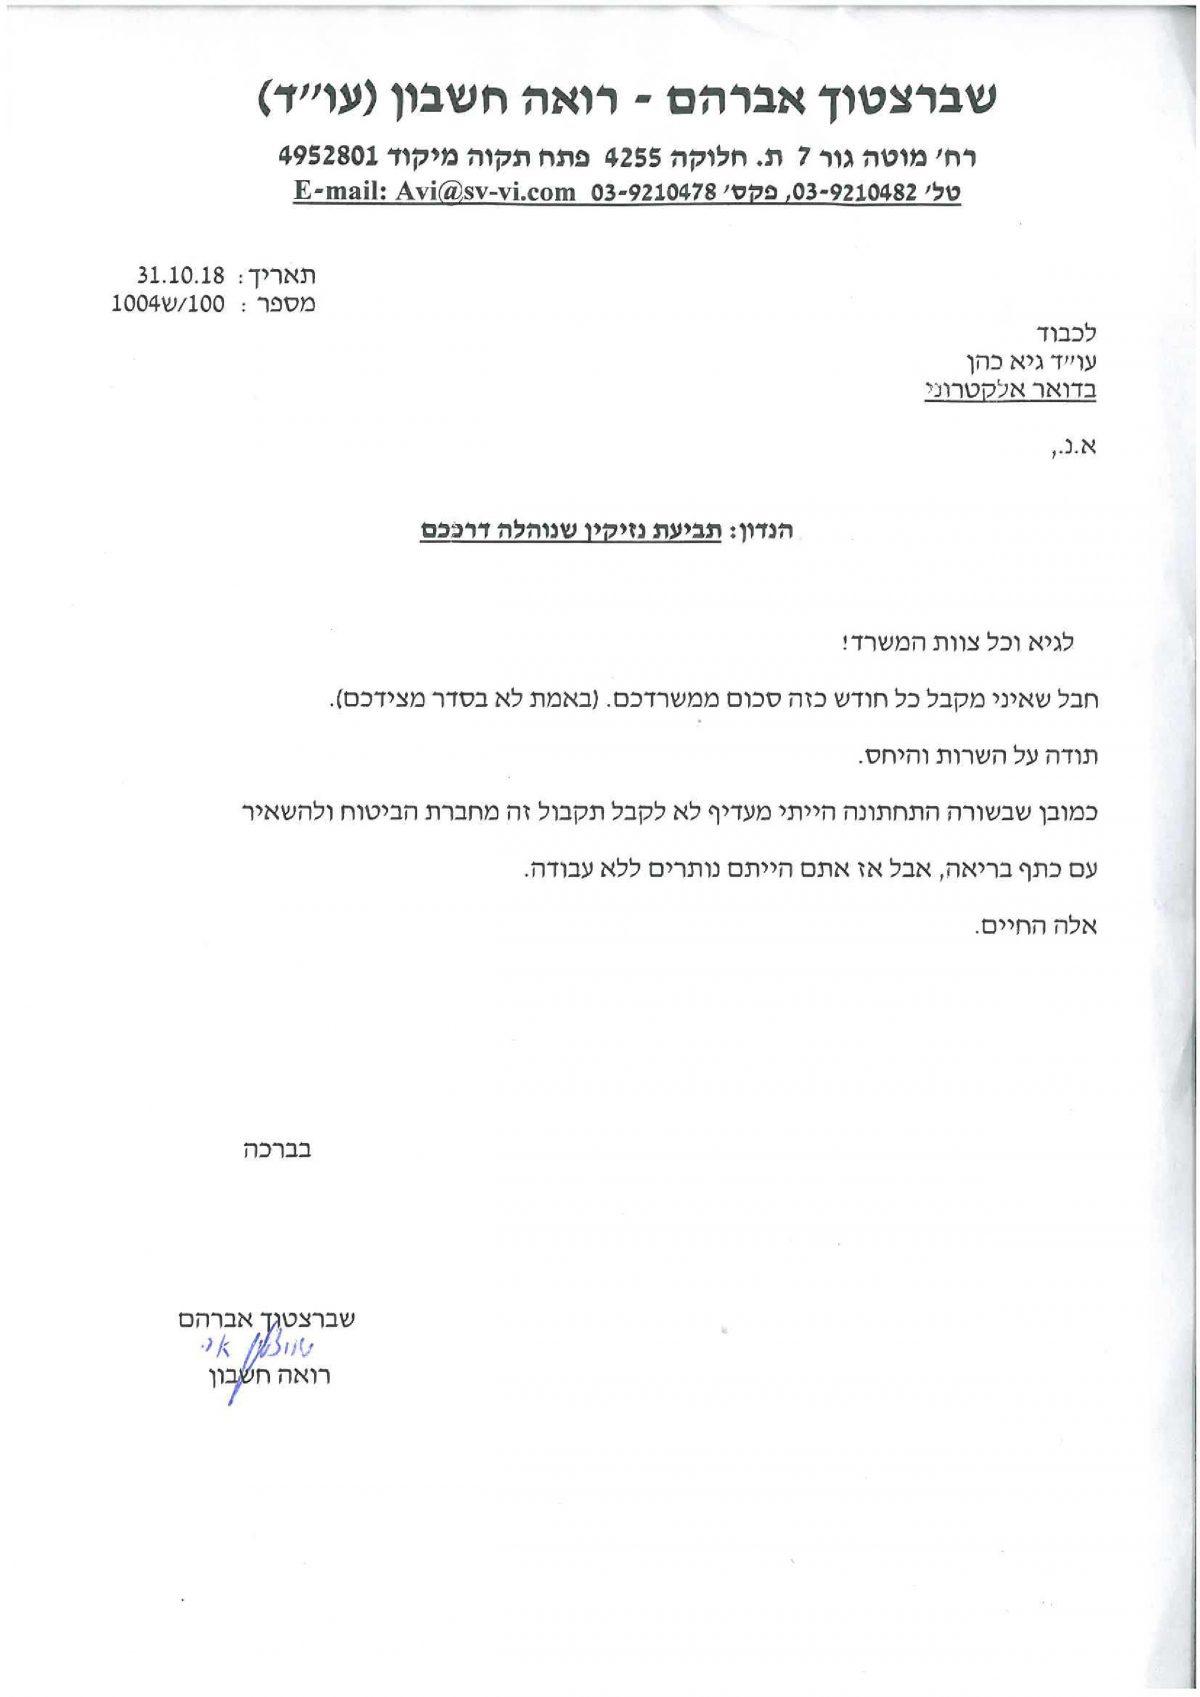 """מכתב תודה מאברהם, ייצג אותו עו""""ד גיא כהן מול חברת הביטוח וזכה בתביעת נזיקין"""